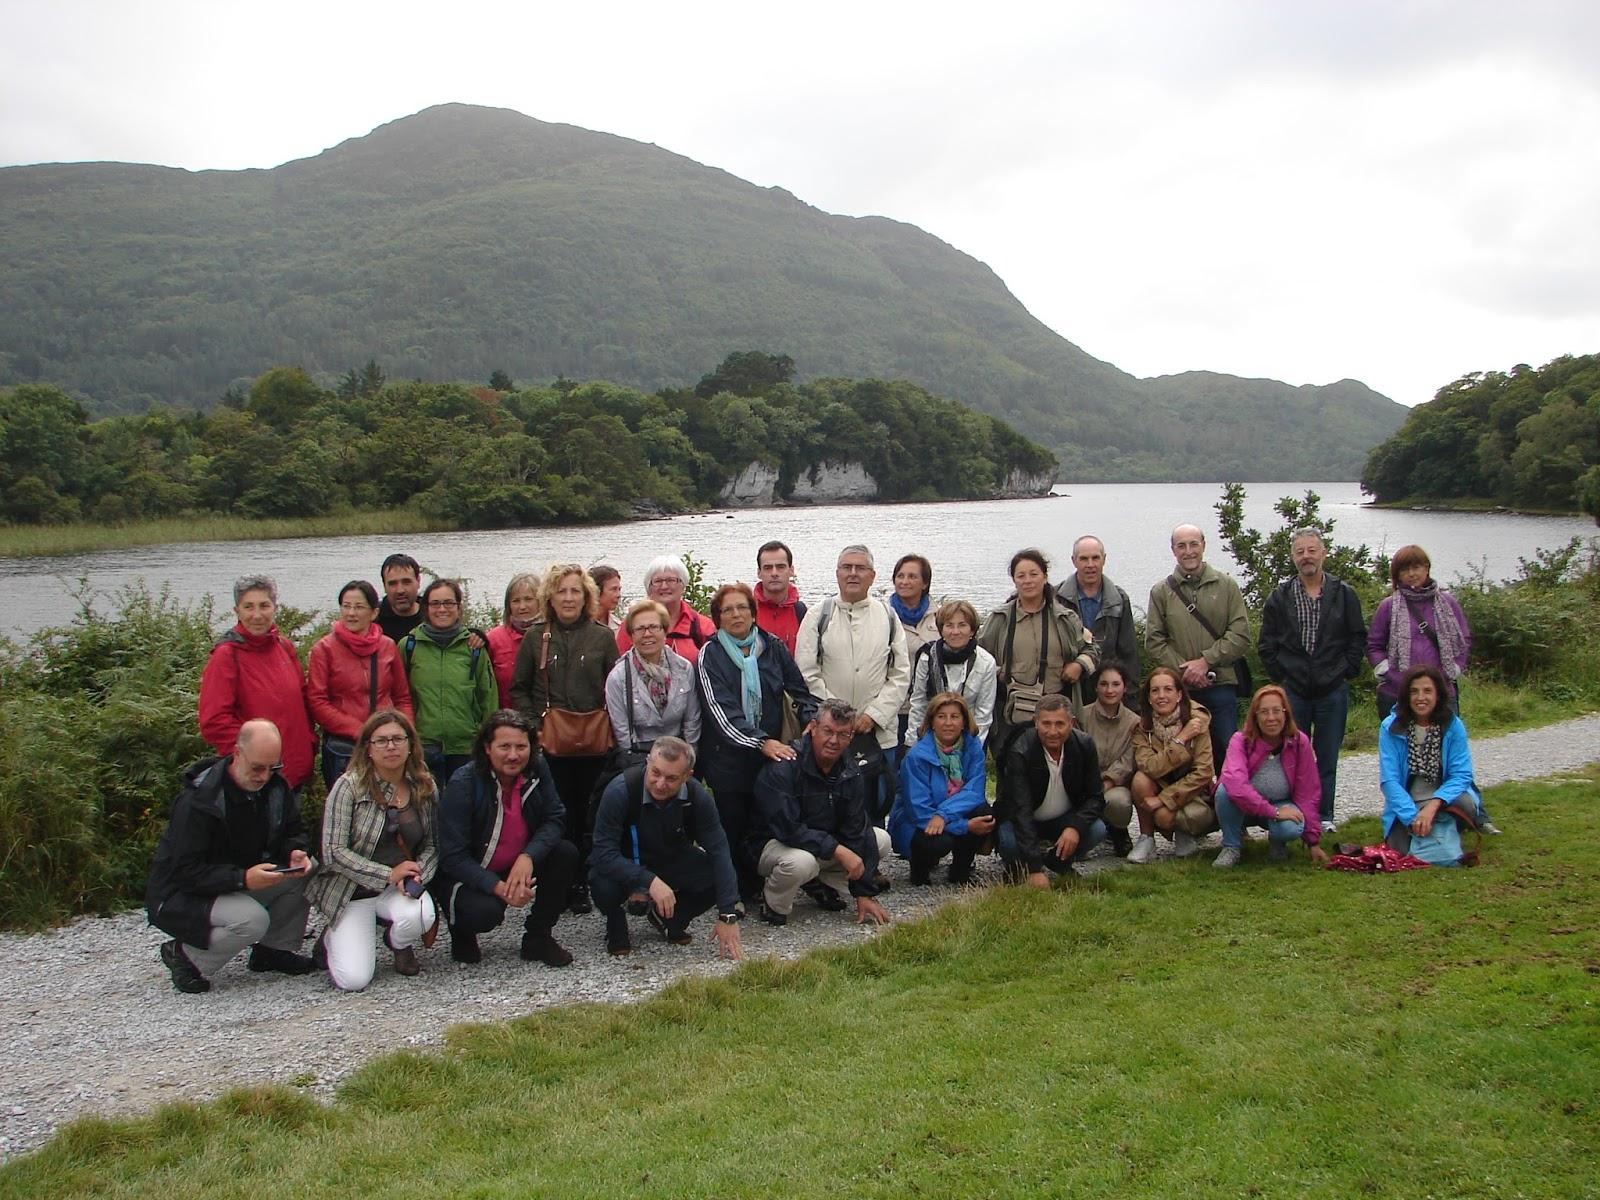 Muckross House e lago Leane de Killarney (23-8-13)